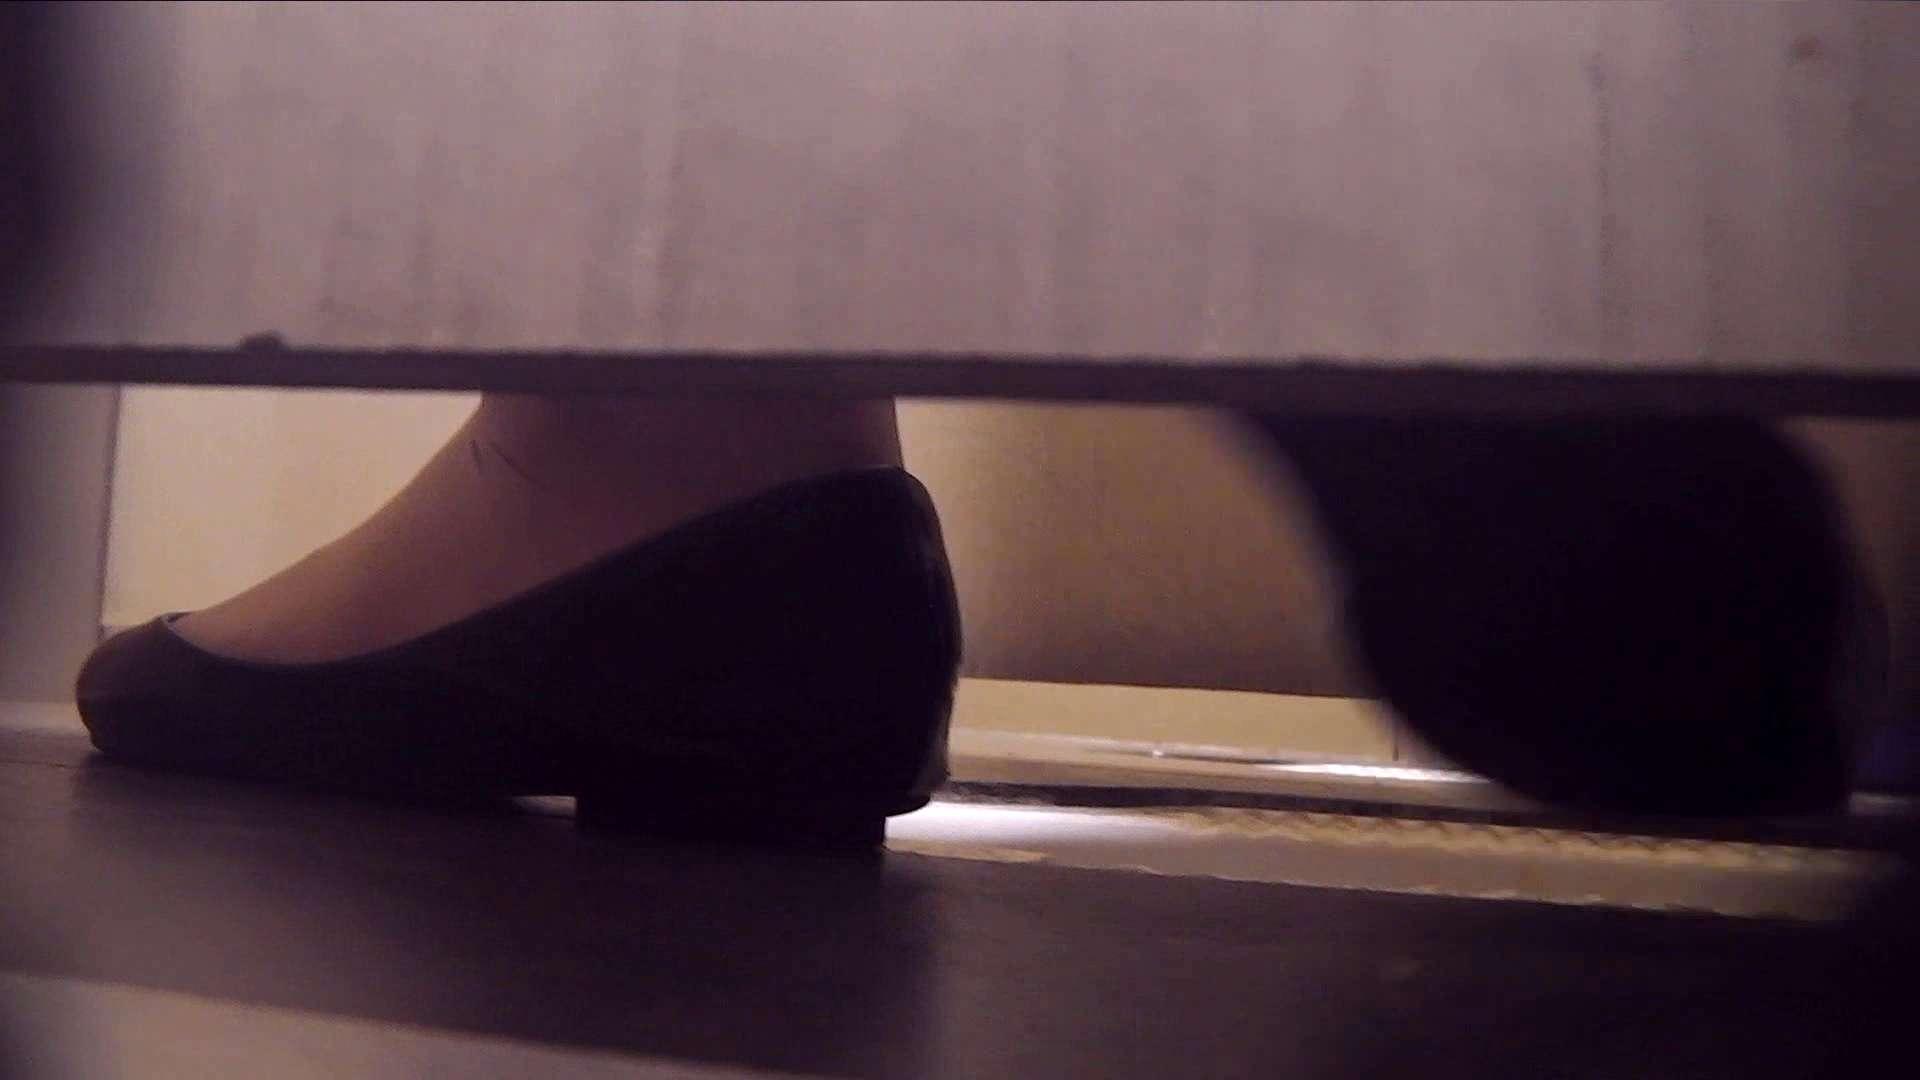 阿国ちゃんの「和式洋式七変化」No.9 洗面所のぞき オマンコ無修正動画無料 98枚 5